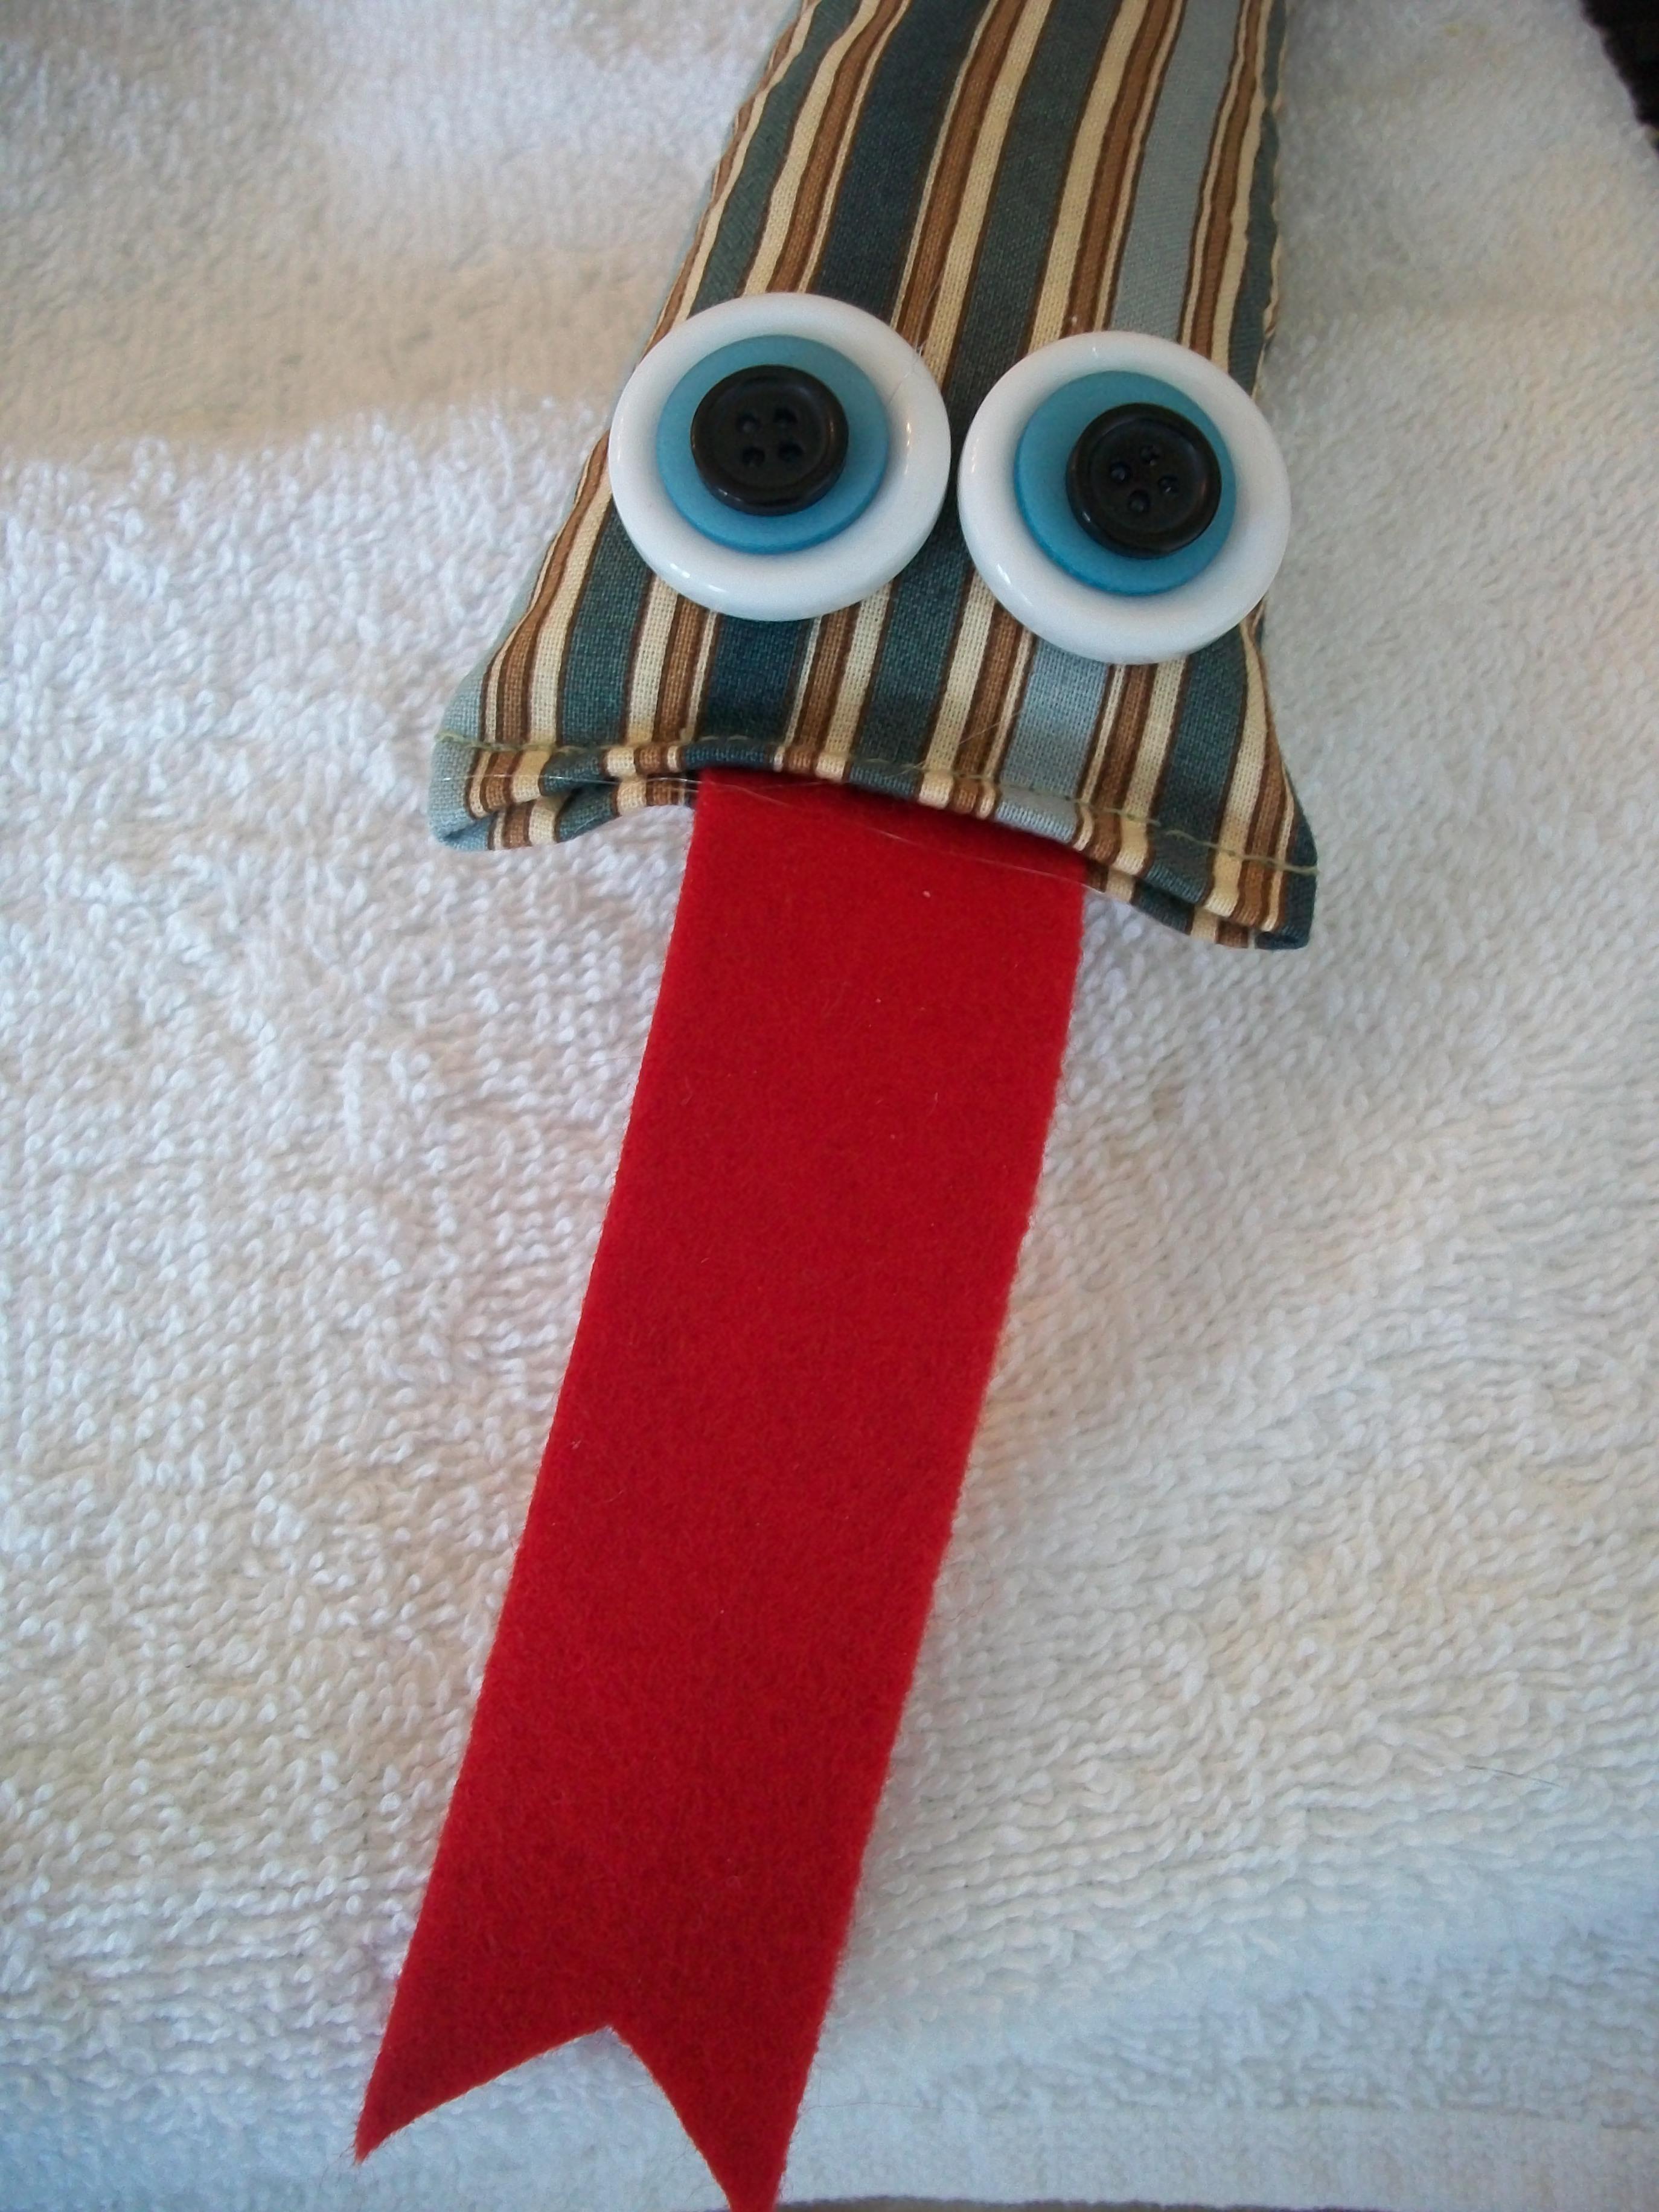 Door Draft Blocker Snake Craft That Kids Can Make